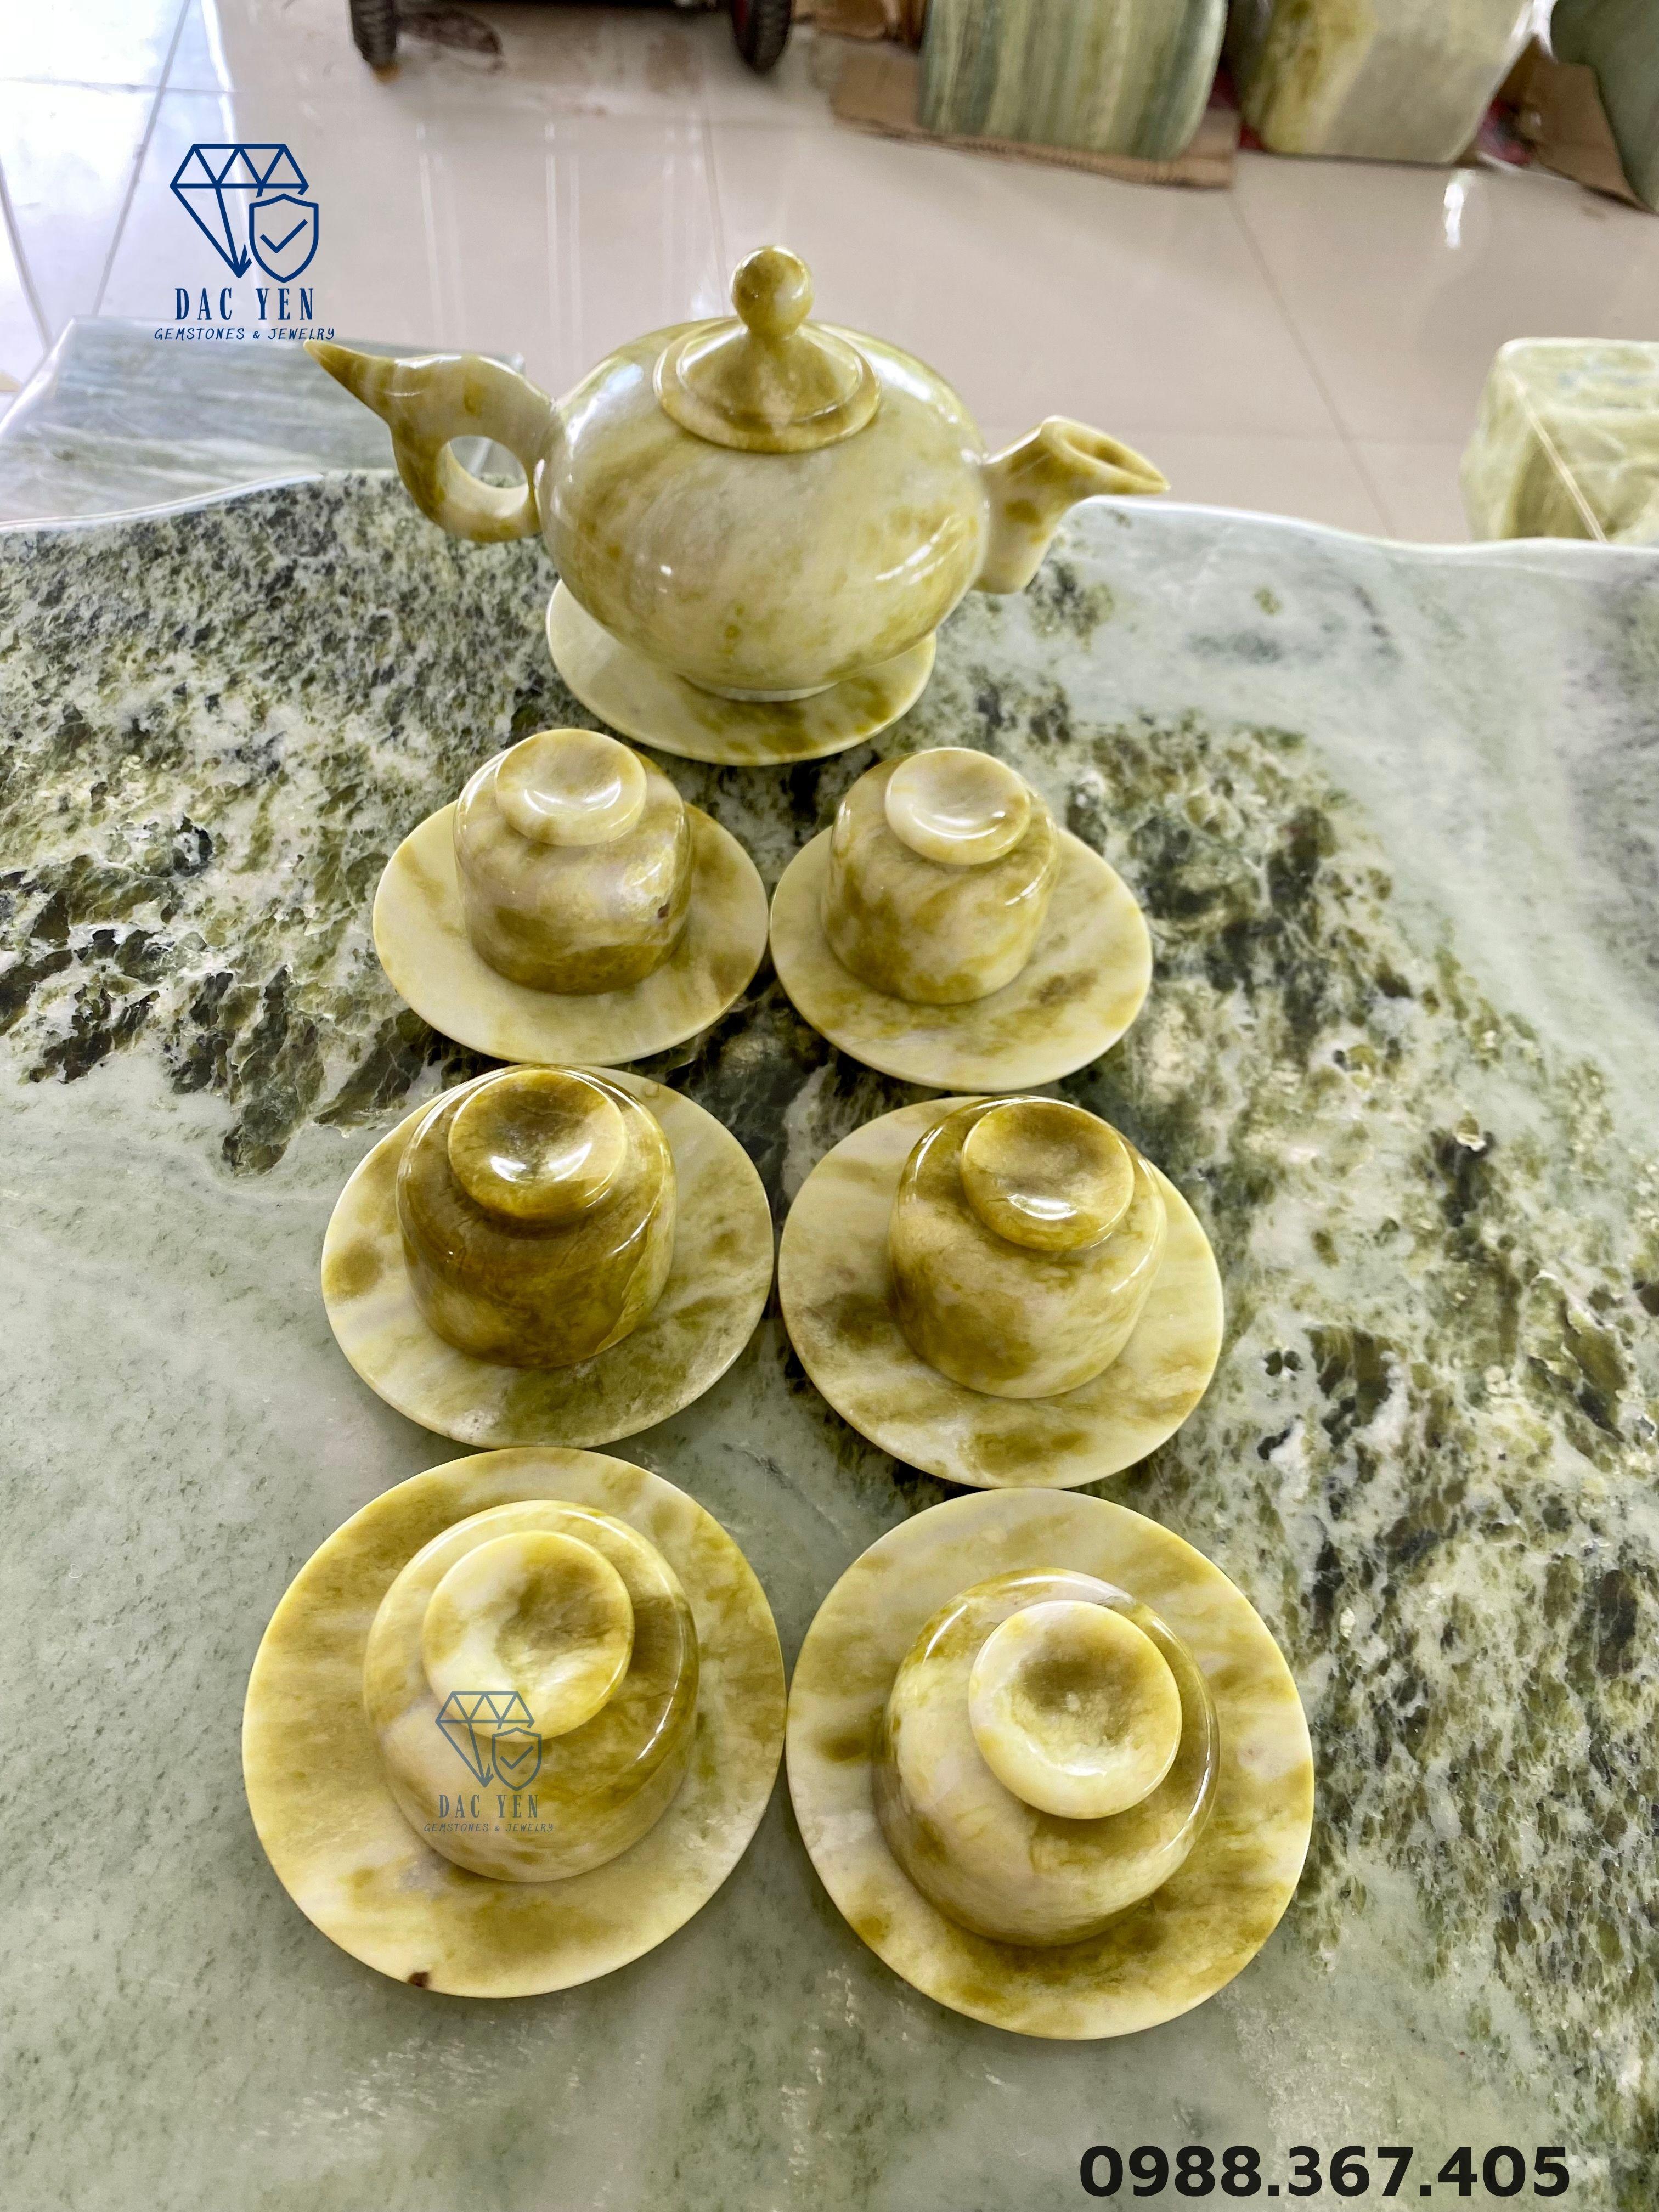 Bộ ấm trà bằng ngọc, bộ ấm chén bằng ngọc, bộ ấm trà đá ngọc tự nhiên